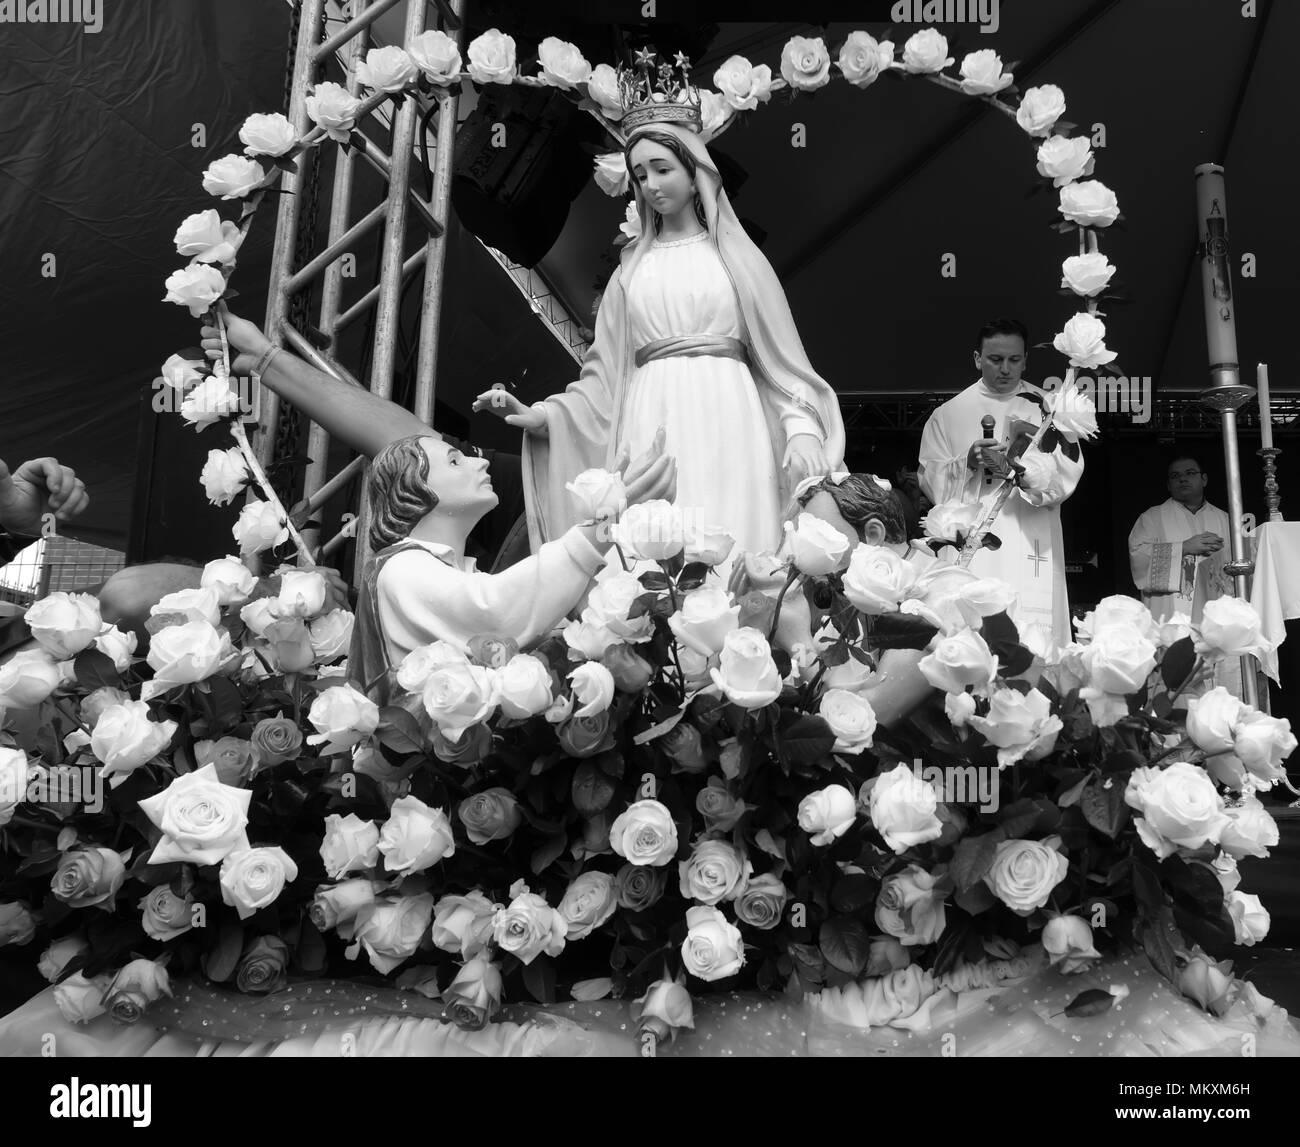 Procissão de Nossa Senhora do Trabalho - Stock Image